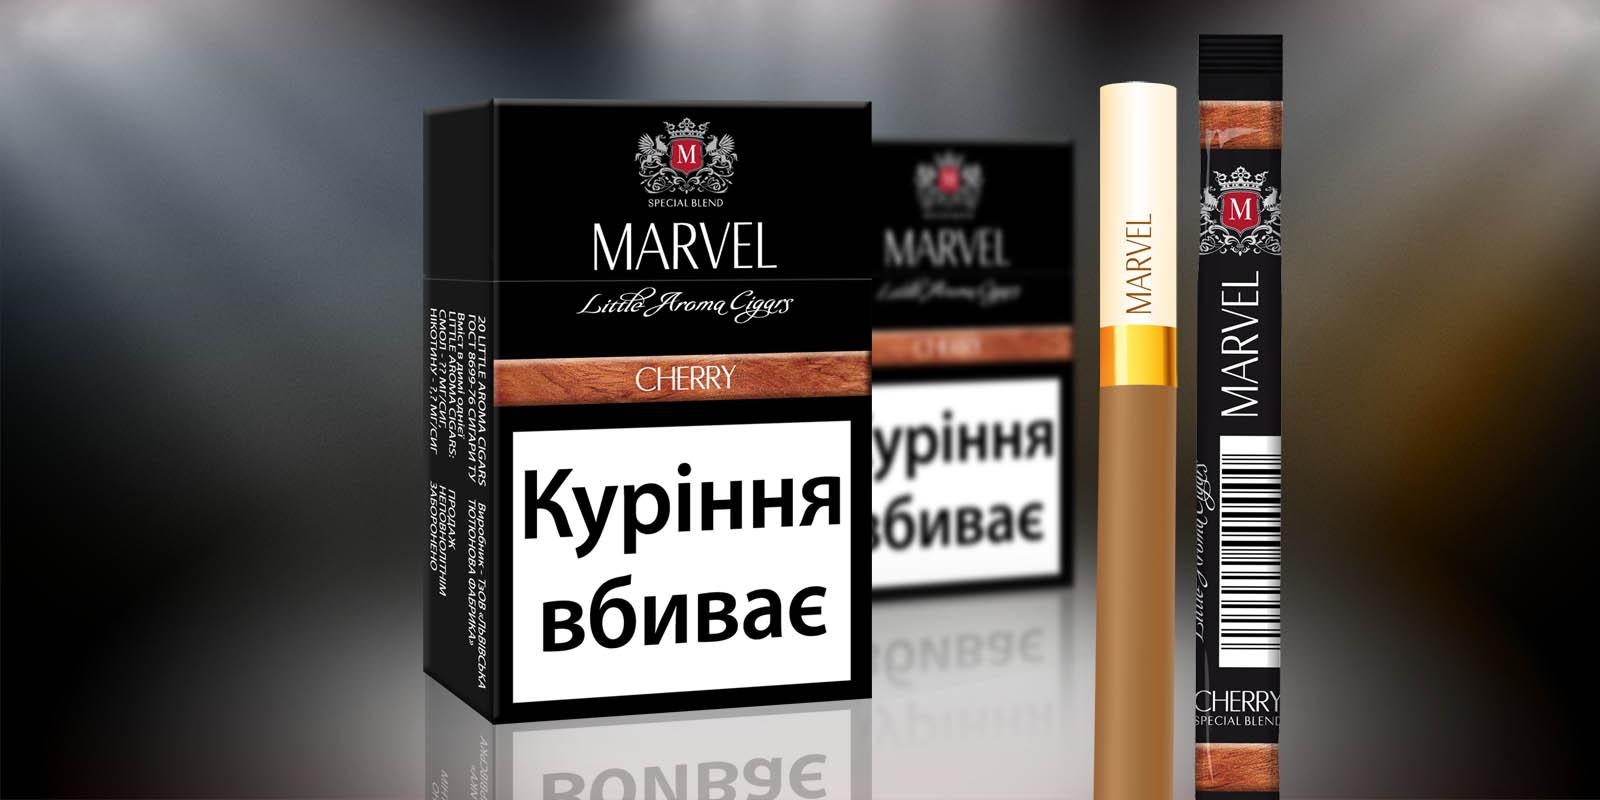 ТМ Marvel;;;;;;Разработка дизайна  упаковки, сигареты и стика для сигарет ТМ Marvel;;;;;;<span>Клиент:</span> Львовская табачная Фабрика;;;;;;;;;;;;Разработка дизайна  упаковки, сигареты и стика для сигарет ТМ Marvel;;;;;;2